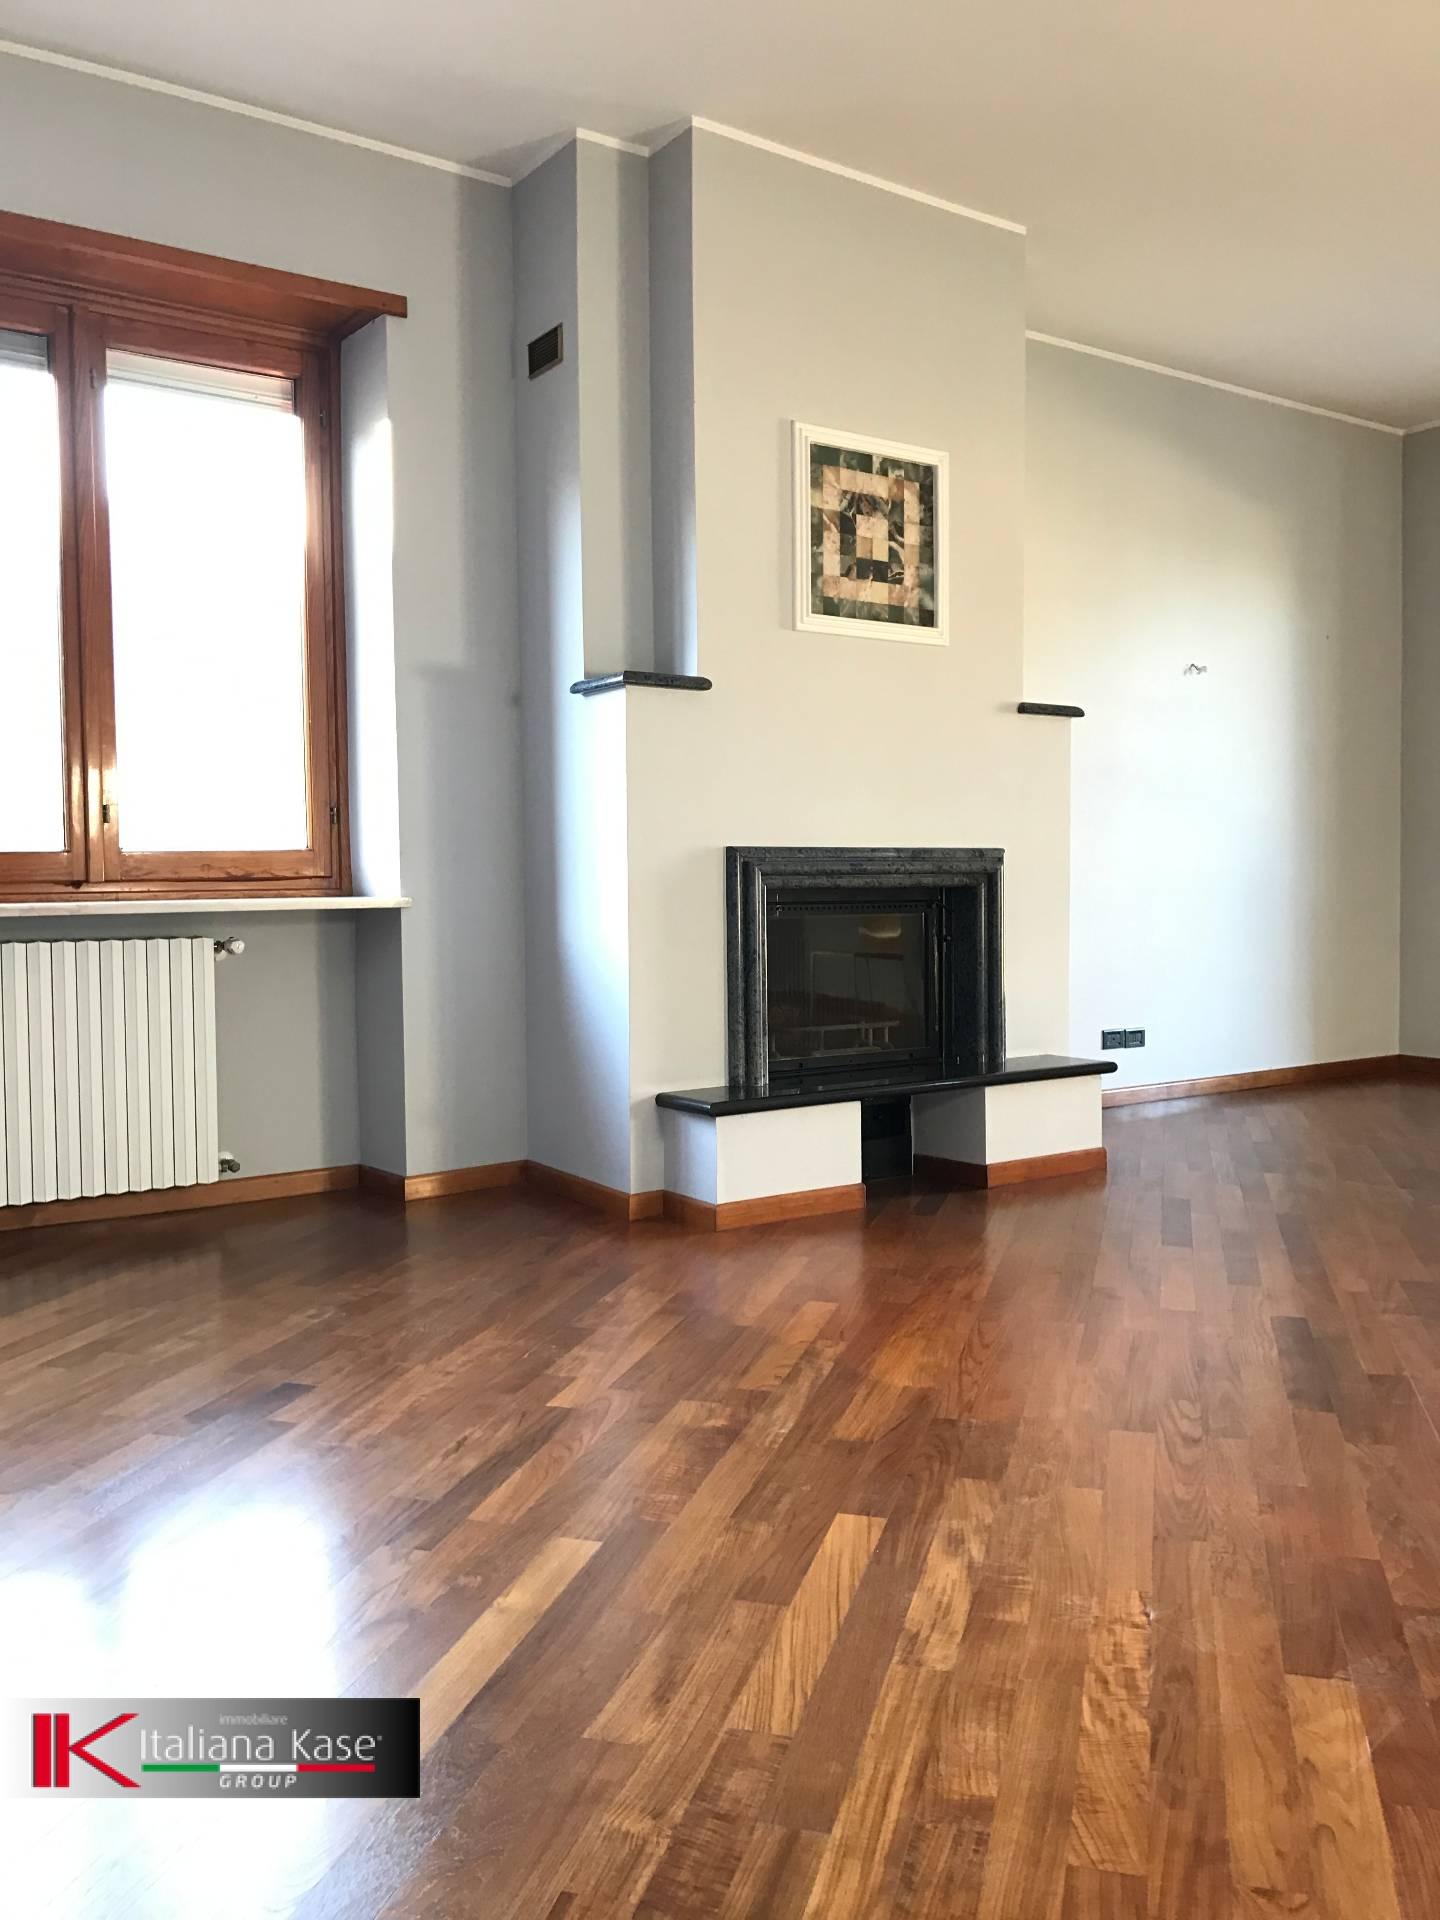 Appartamento in affitto a Castiglione Torinese, 5 locali, zona Località: Centro, prezzo € 1.200 | CambioCasa.it